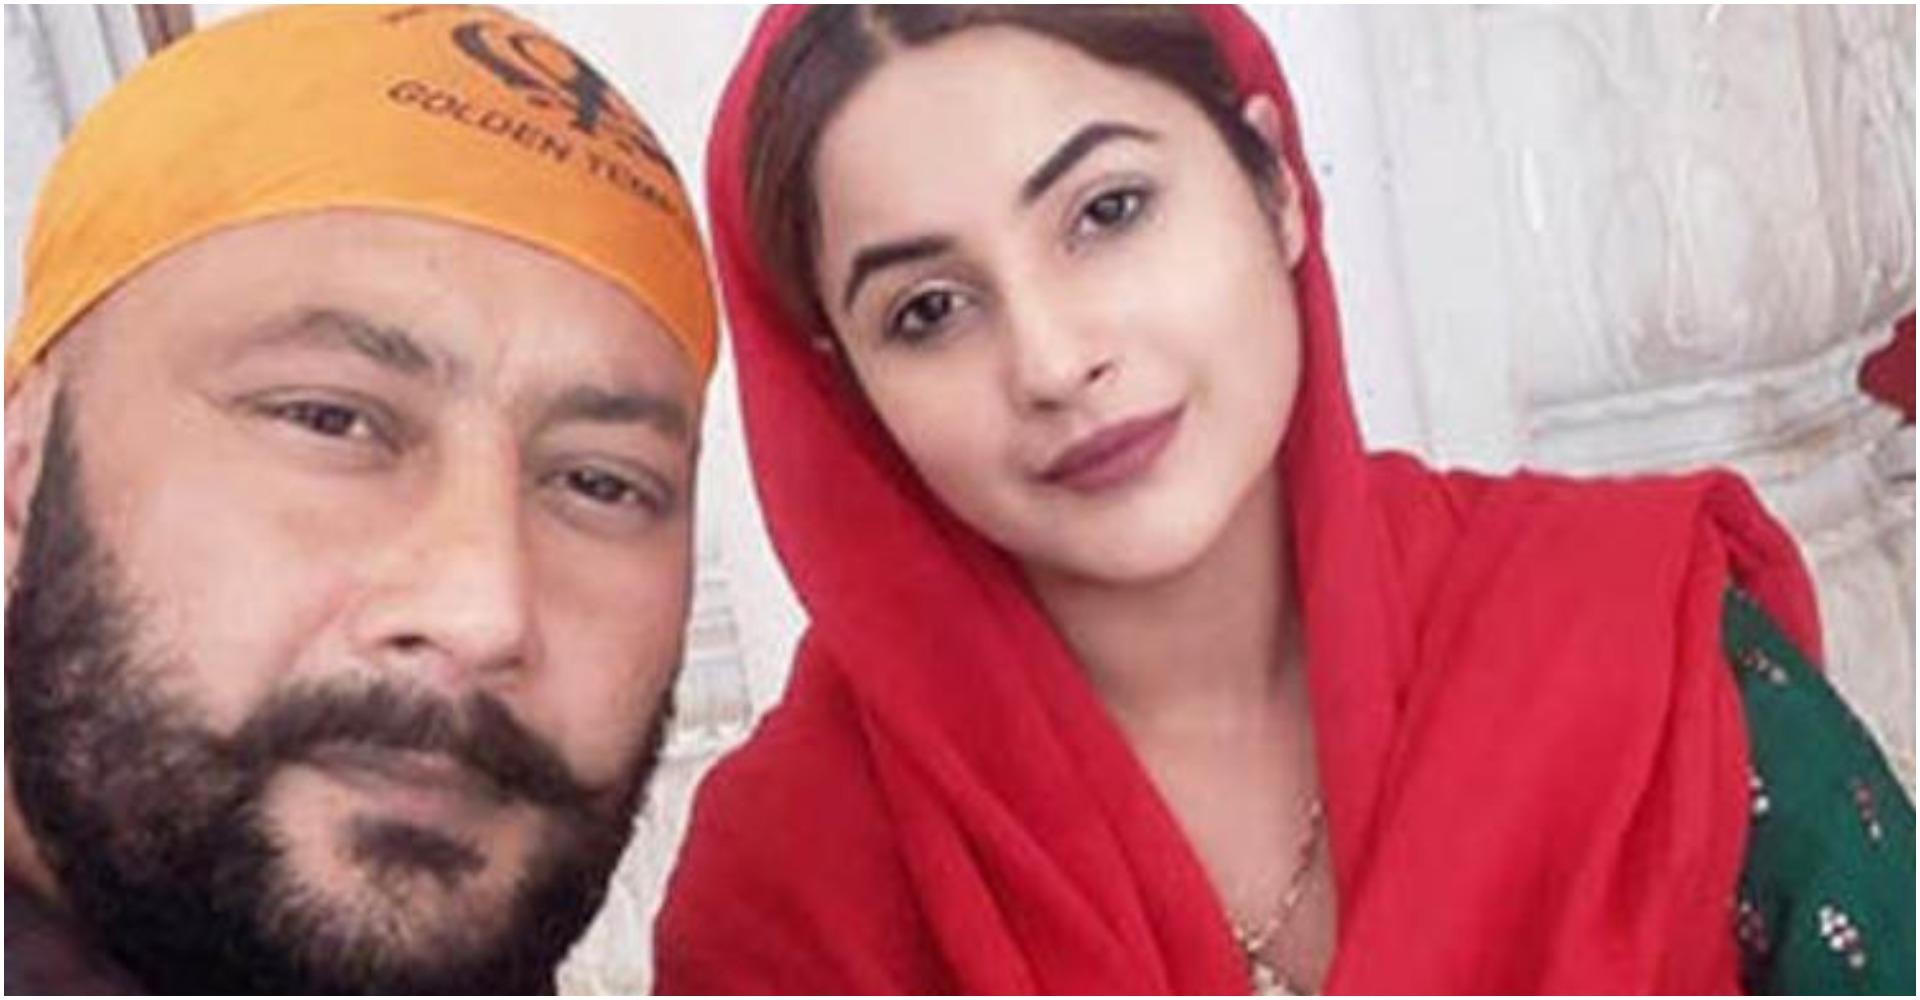 शहनाज गिल के पिता संतोख सिंह ने बन्दूक की नौक पर महिला से किया बलात्कार, FIR दर्ज